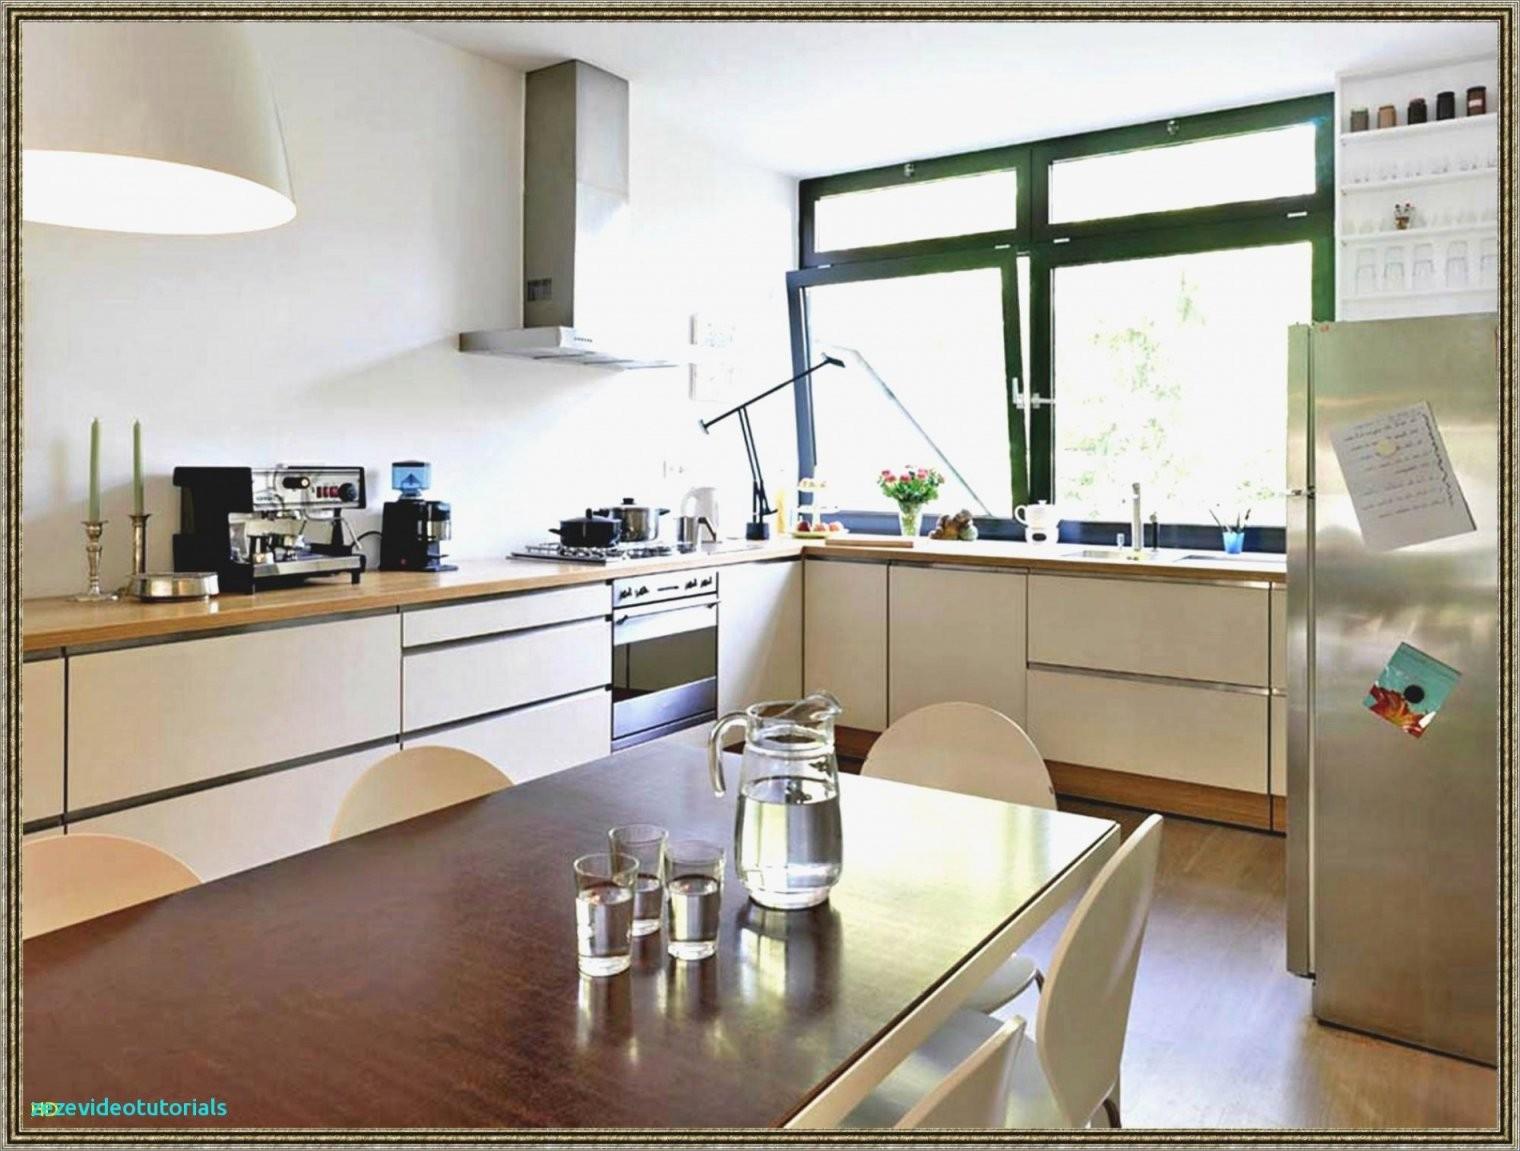 Alte Küche Aufpeppen Vorher Nachher — Temobardz Home Blog von Küchenfronten Lackieren Vorher Nachher Bild